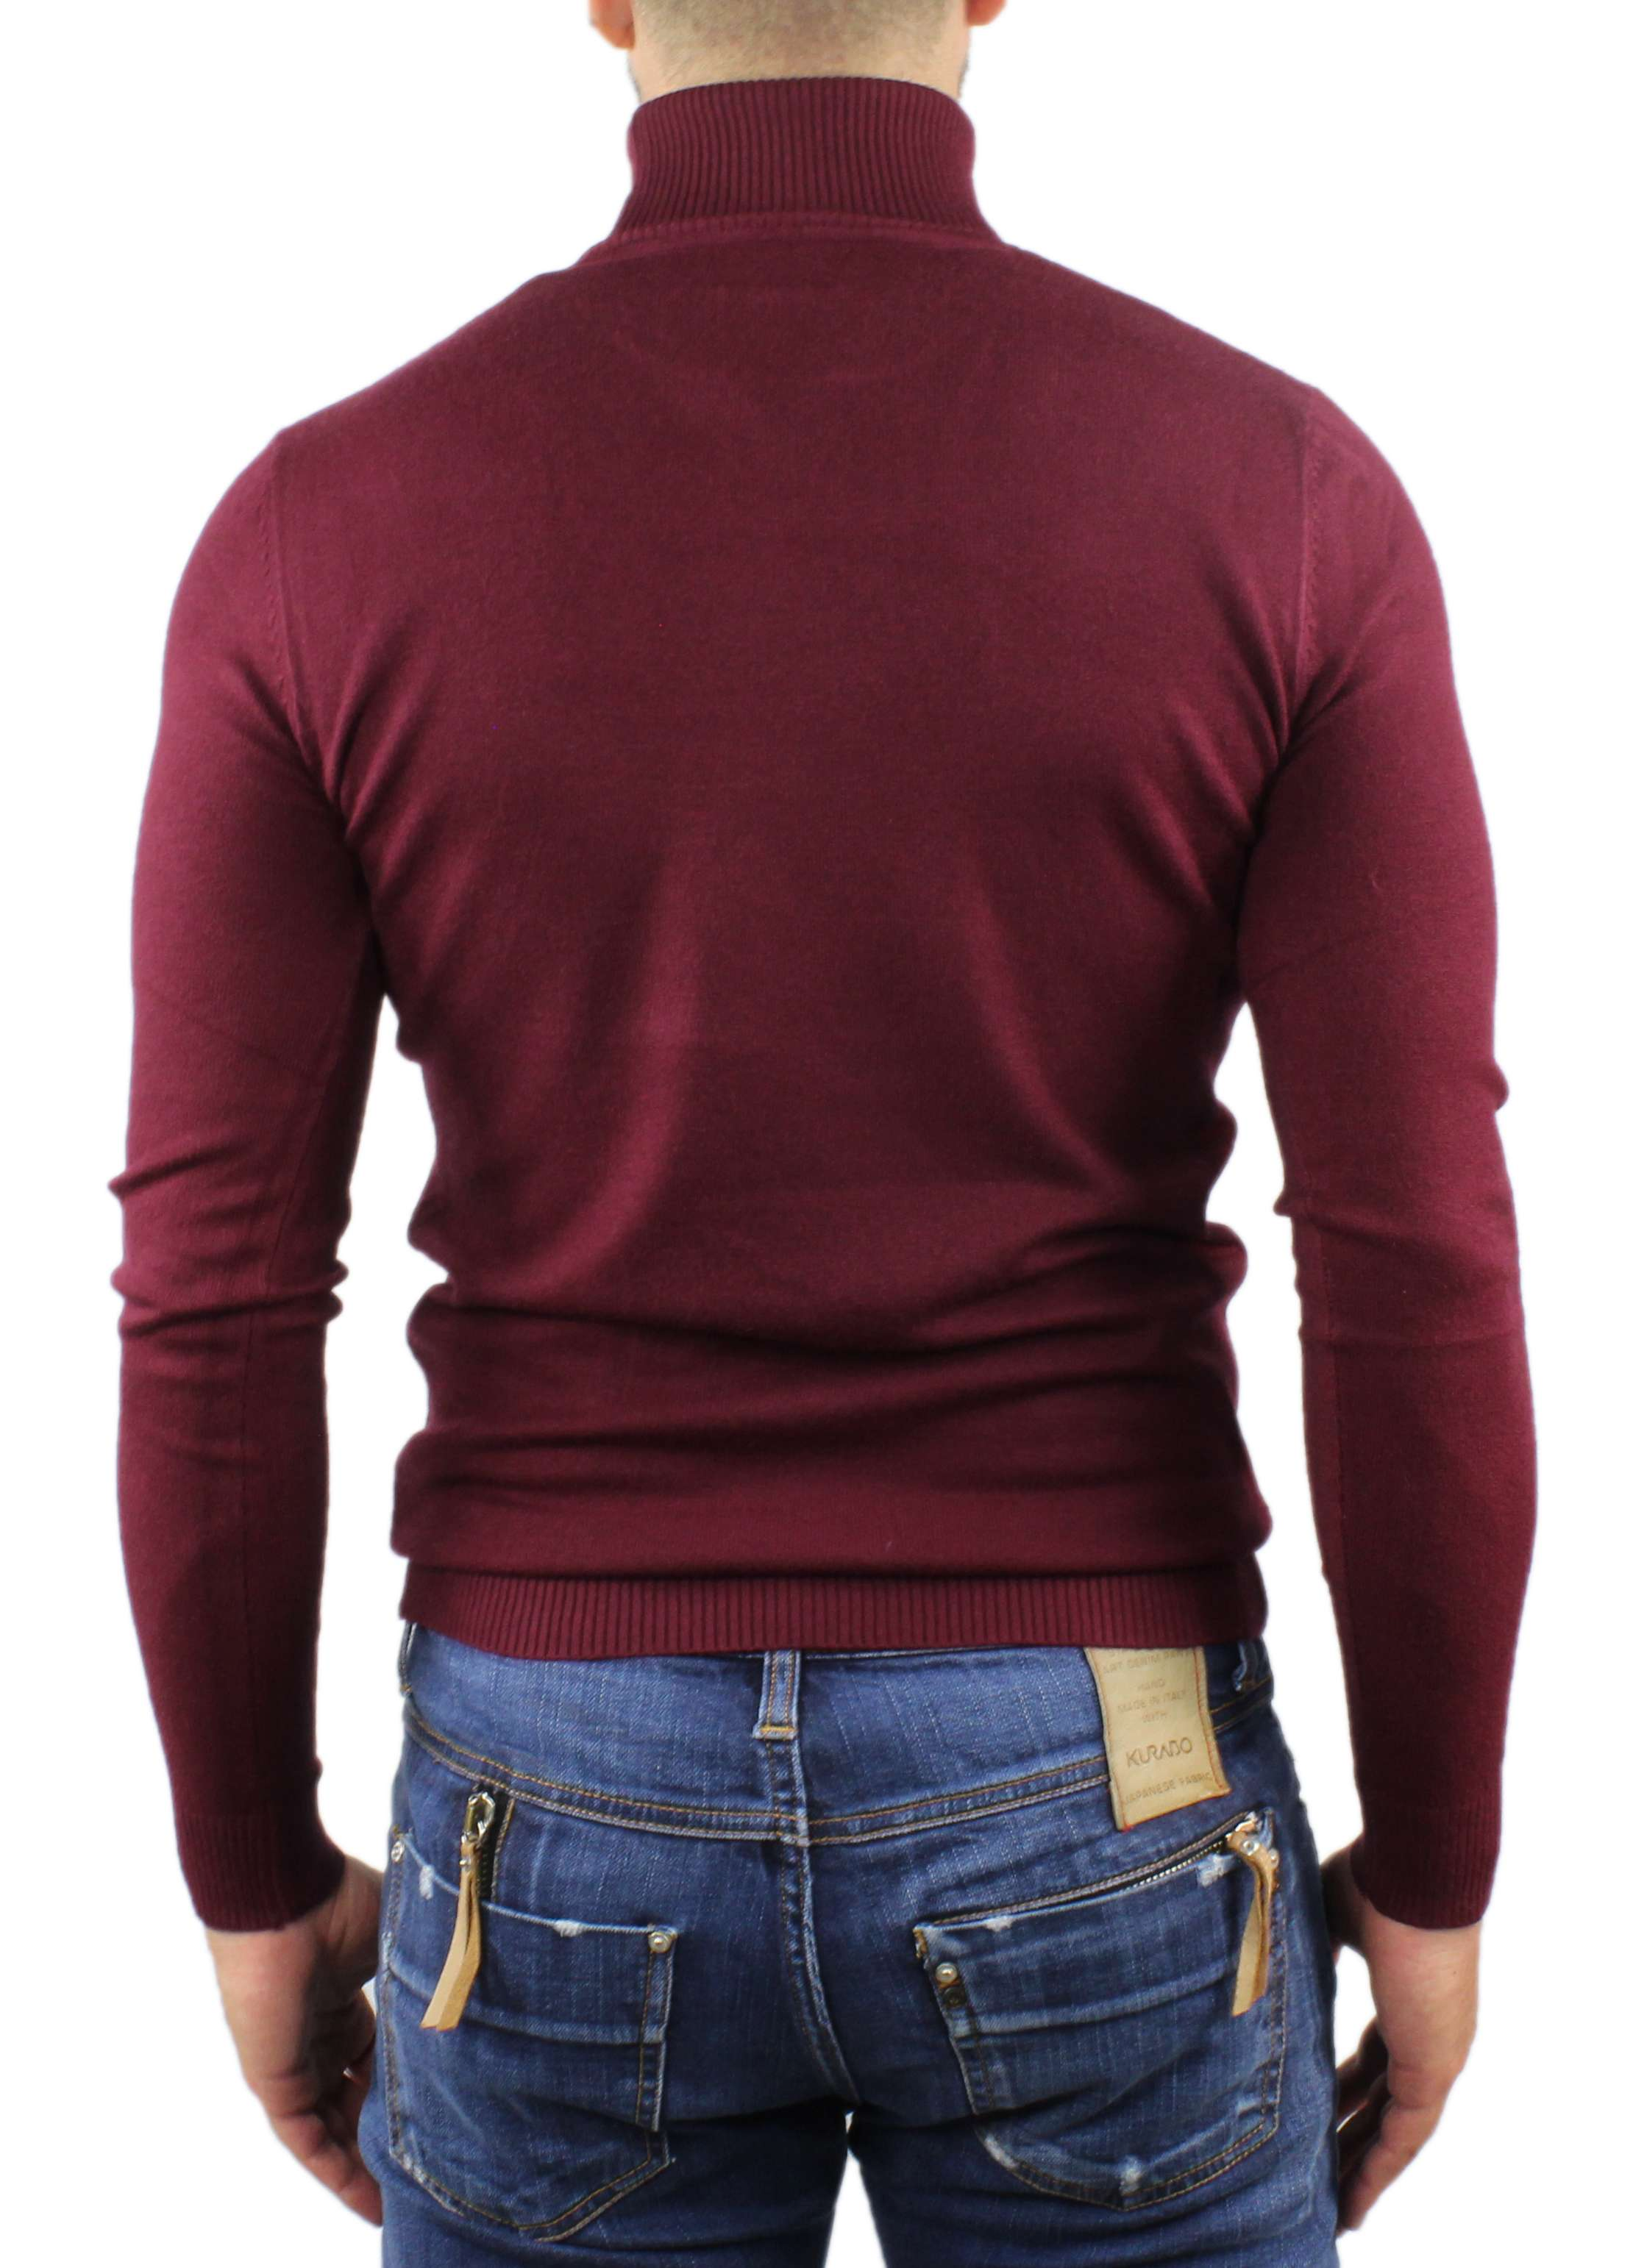 Maglione-Uomo-Collo-Alto-Dolcevita-Maglia-Blu-Nero-Bordo-Lupetto-Maglioncino miniatura 12